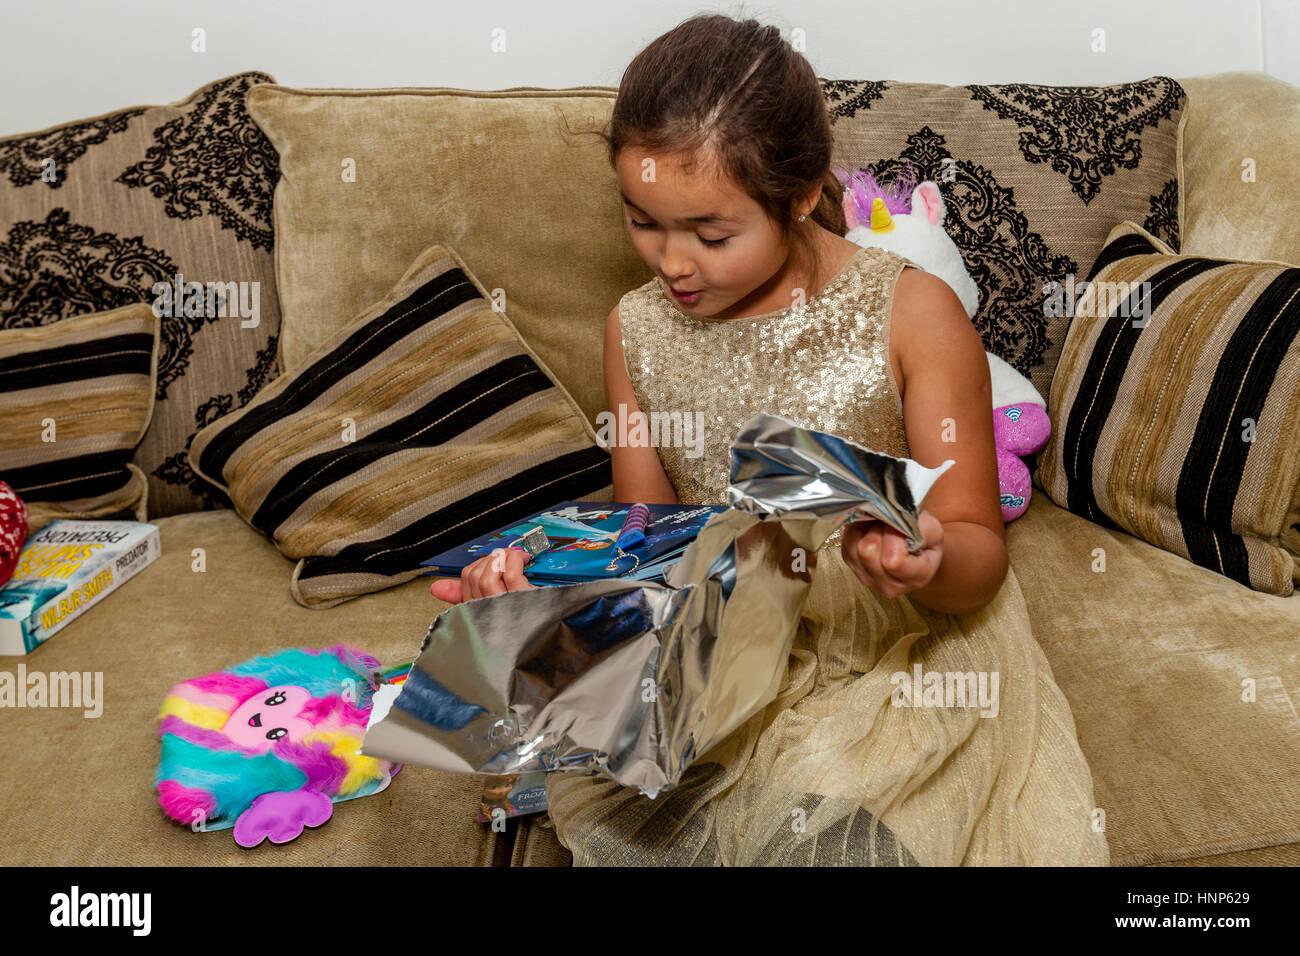 Una raza mixta niña abriendo regalos en Navidad, Sussex, Reino Unido Imagen De Stock